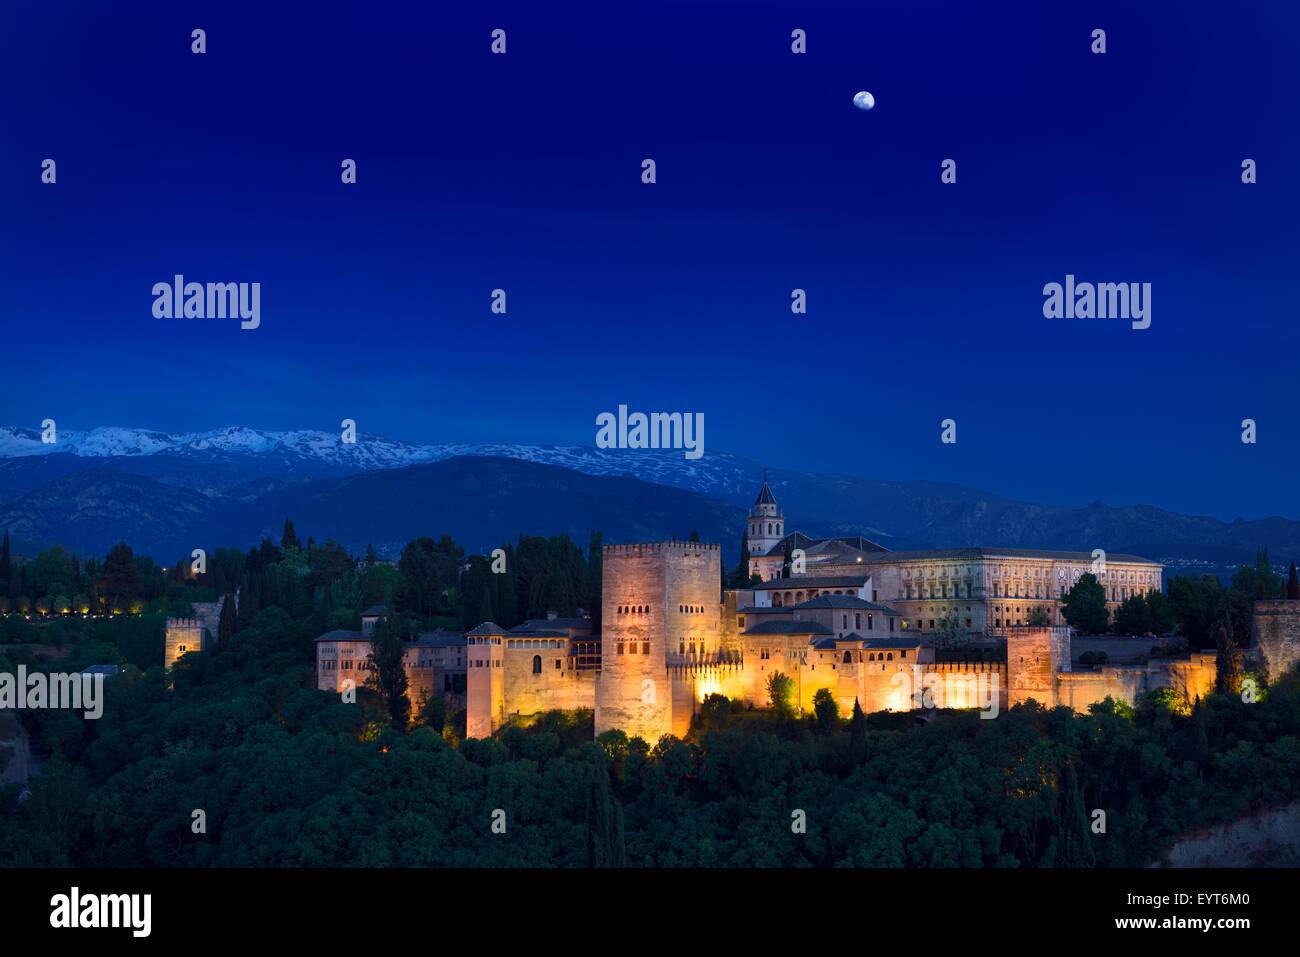 Luna sobre encendido hilltop Alhambra Palace fortaleza en penumbra granada con nevadas montañas Sierra Nevada Imagen De Stock